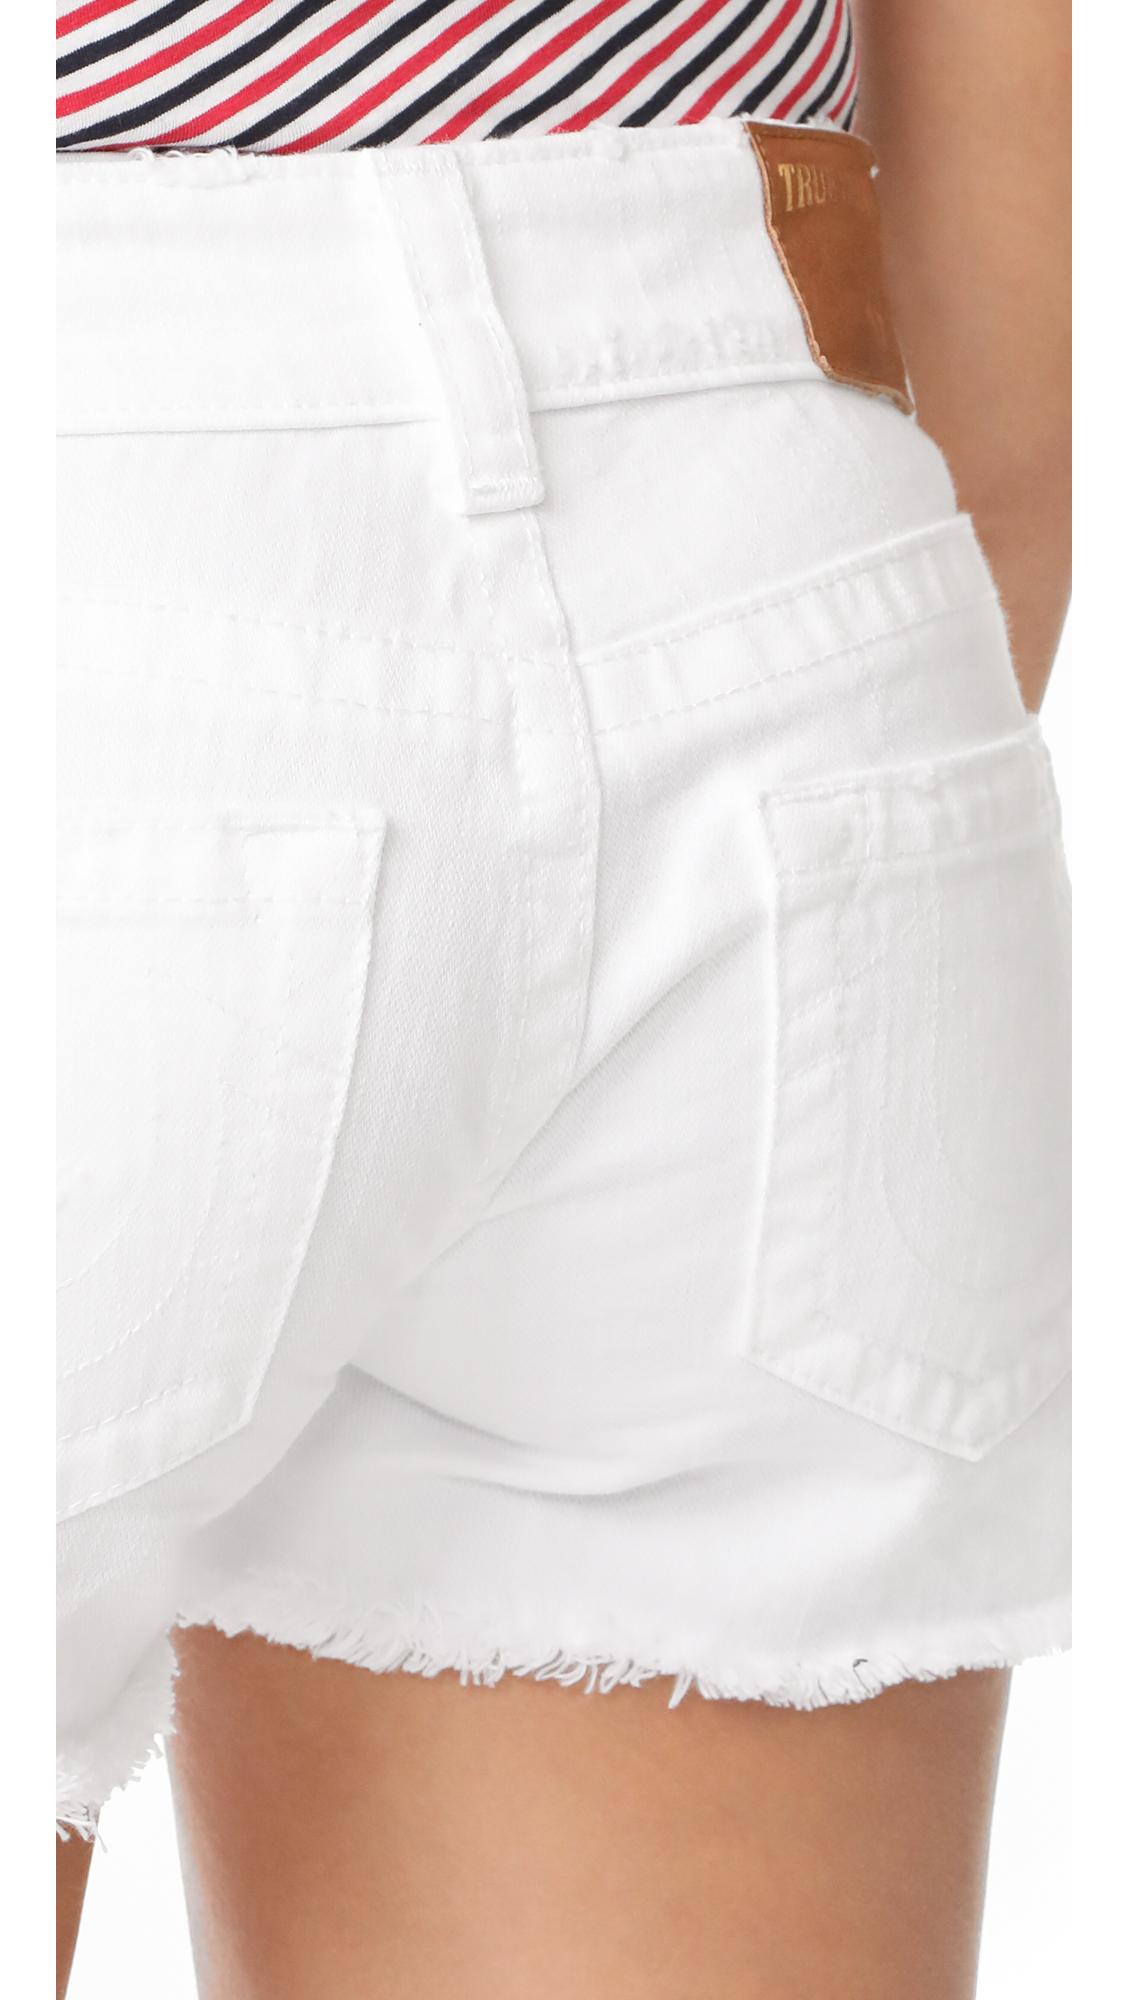 adba8a6ff True Religion Keira Low Rise Cutoff Shorts